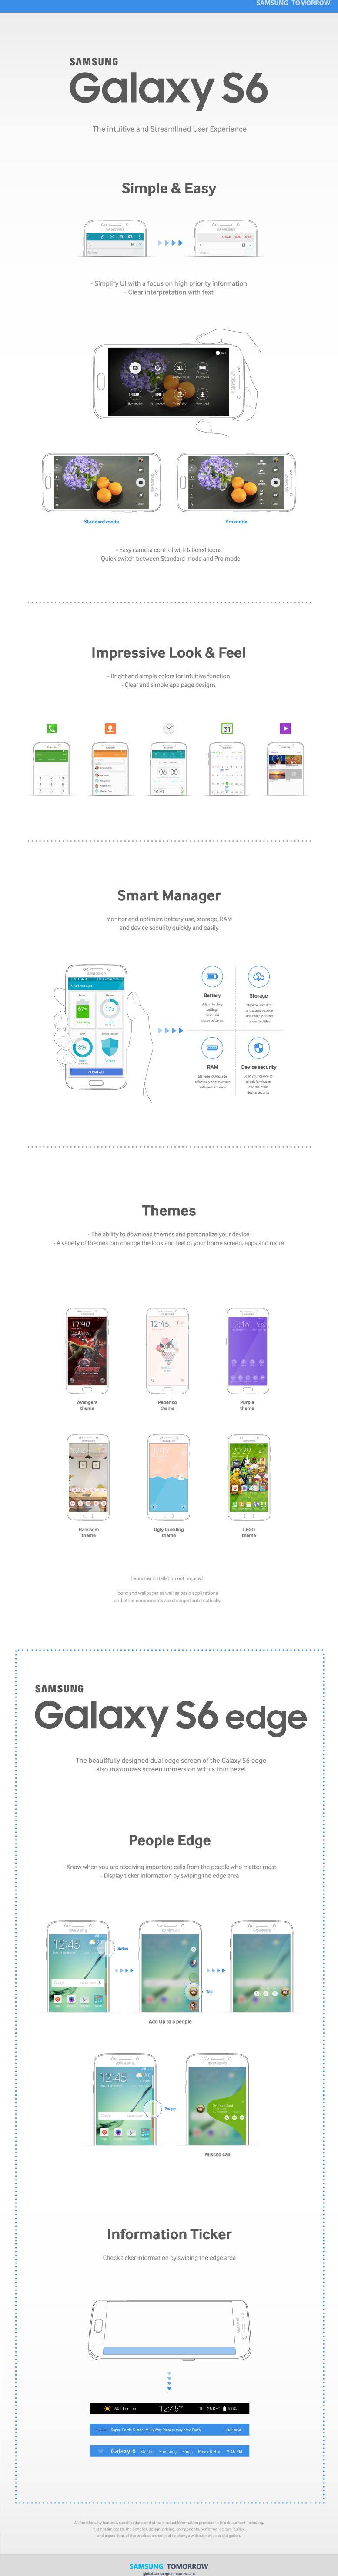 Galaxy S6 TouchWiz